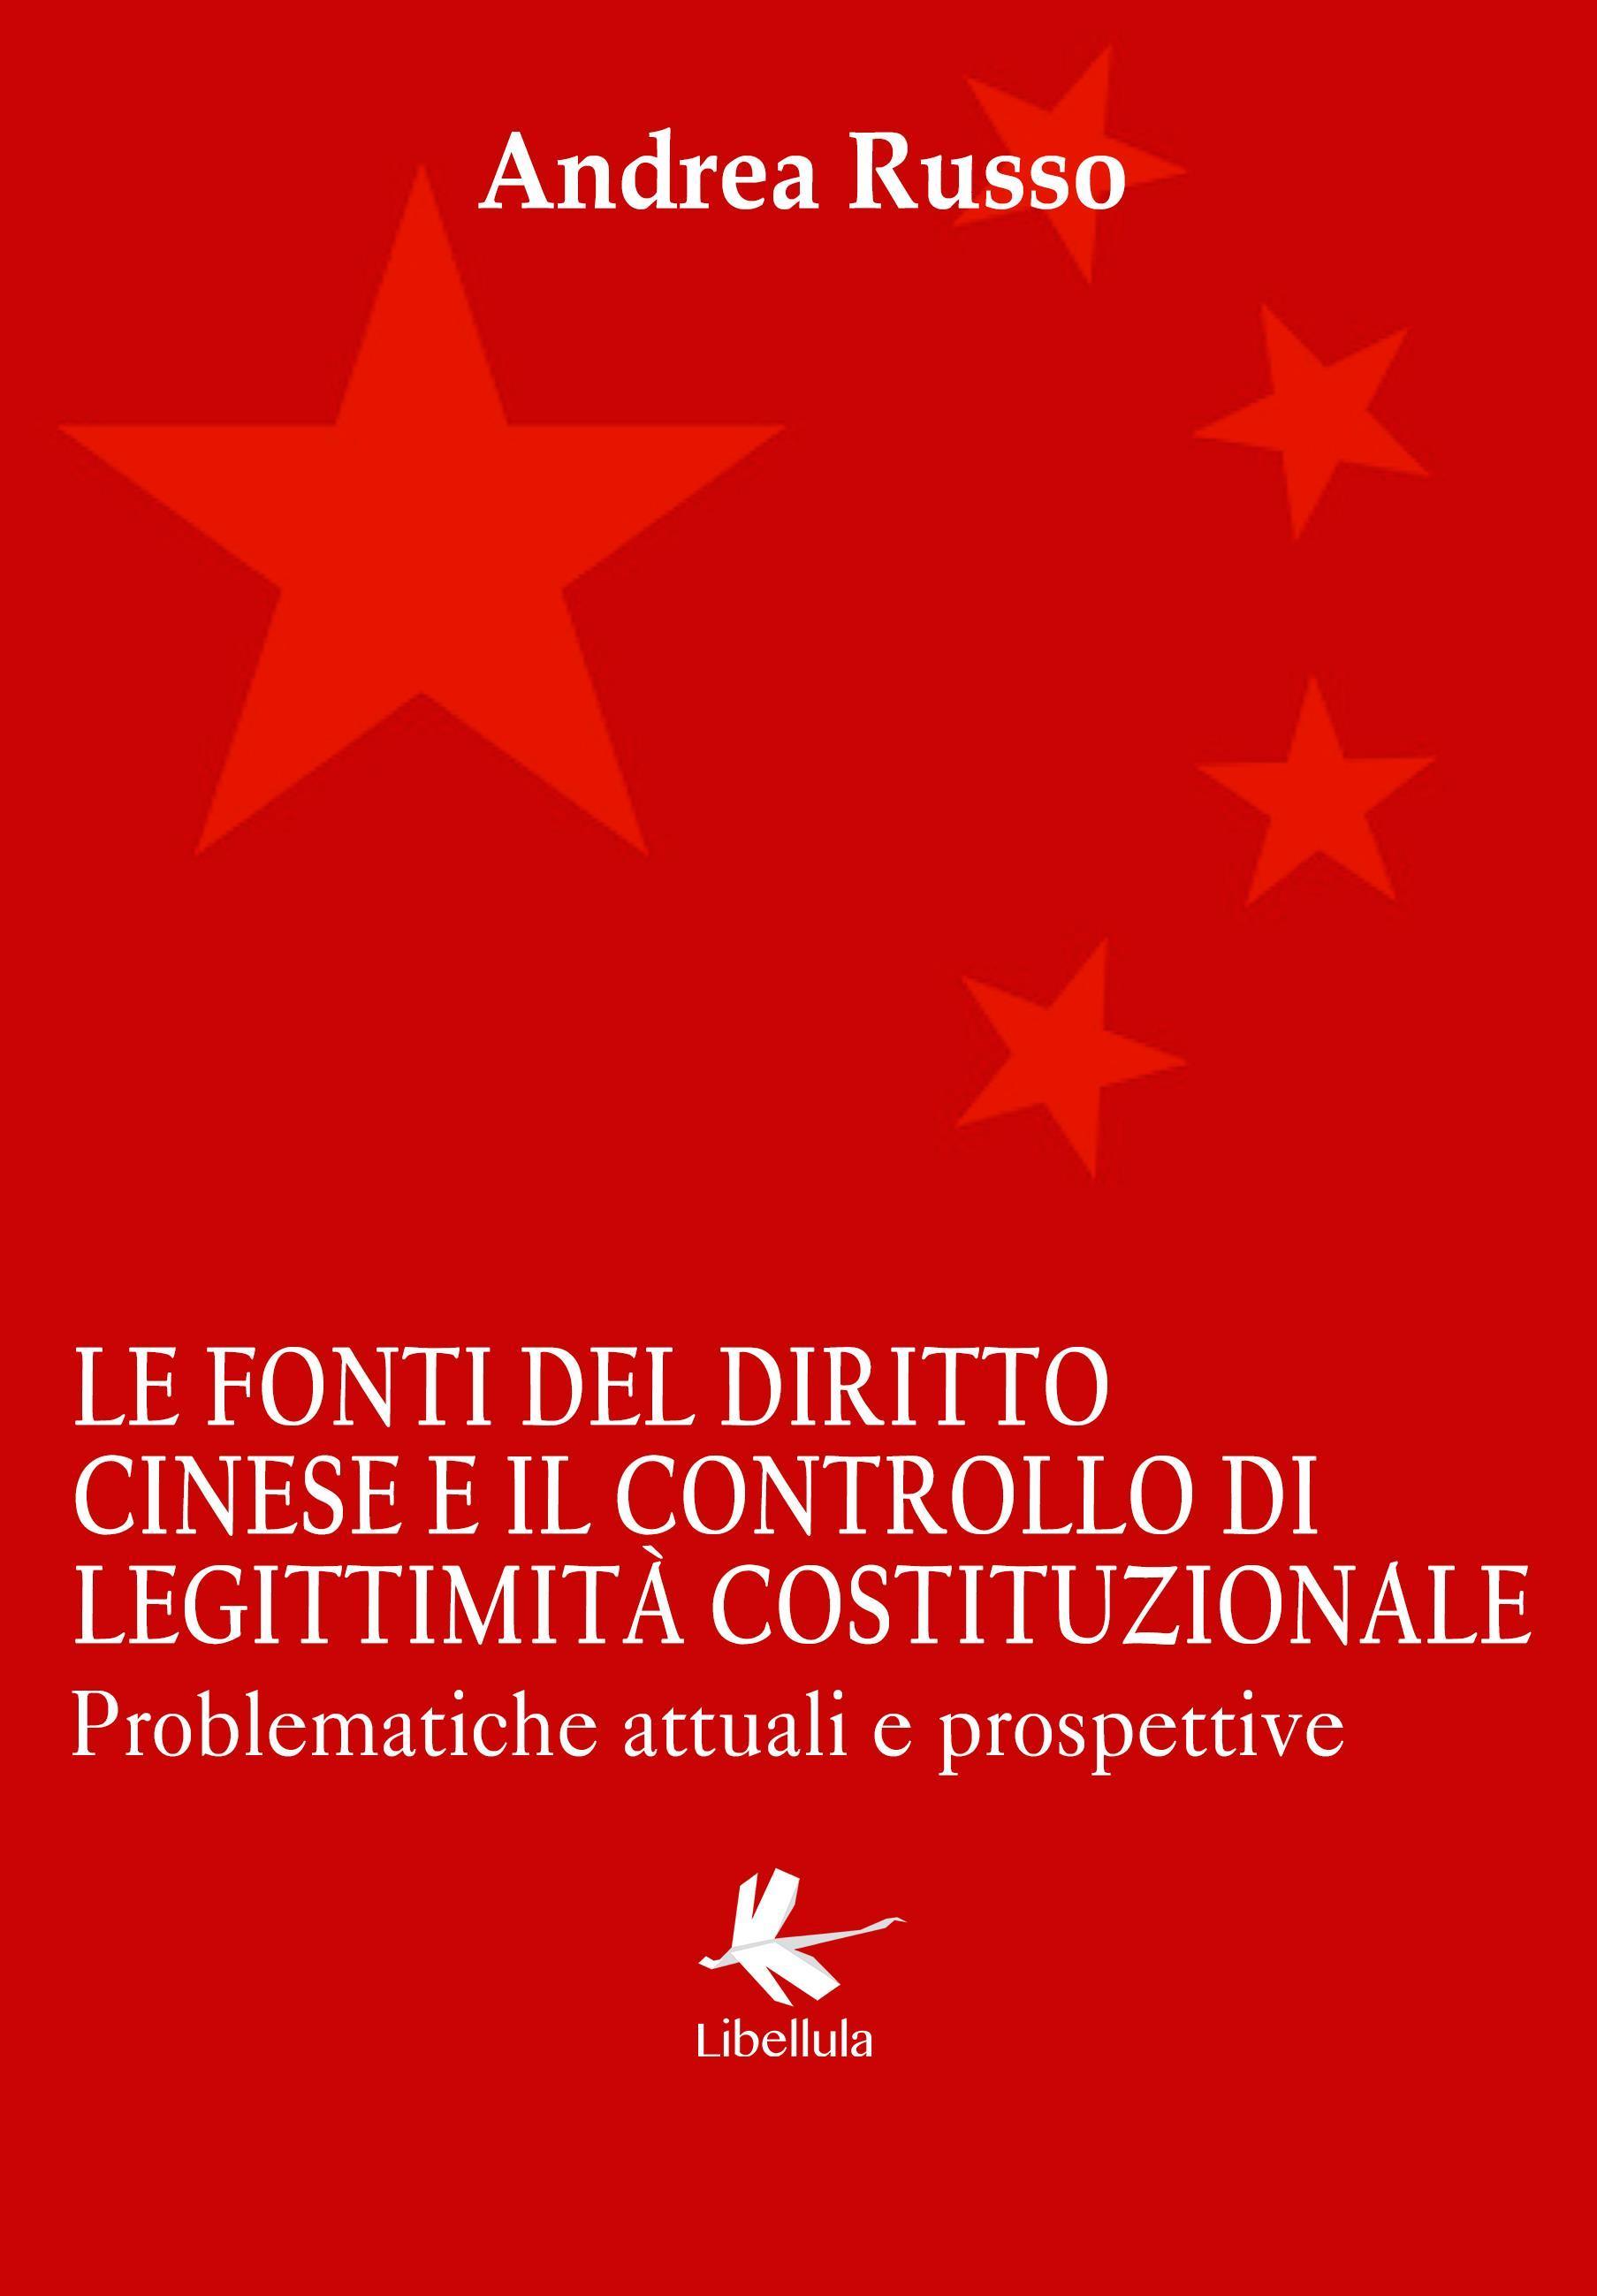 Le fonti del diritto cinese e il controllo di legittimità costituzionale - Problematiche attuali e prospettive